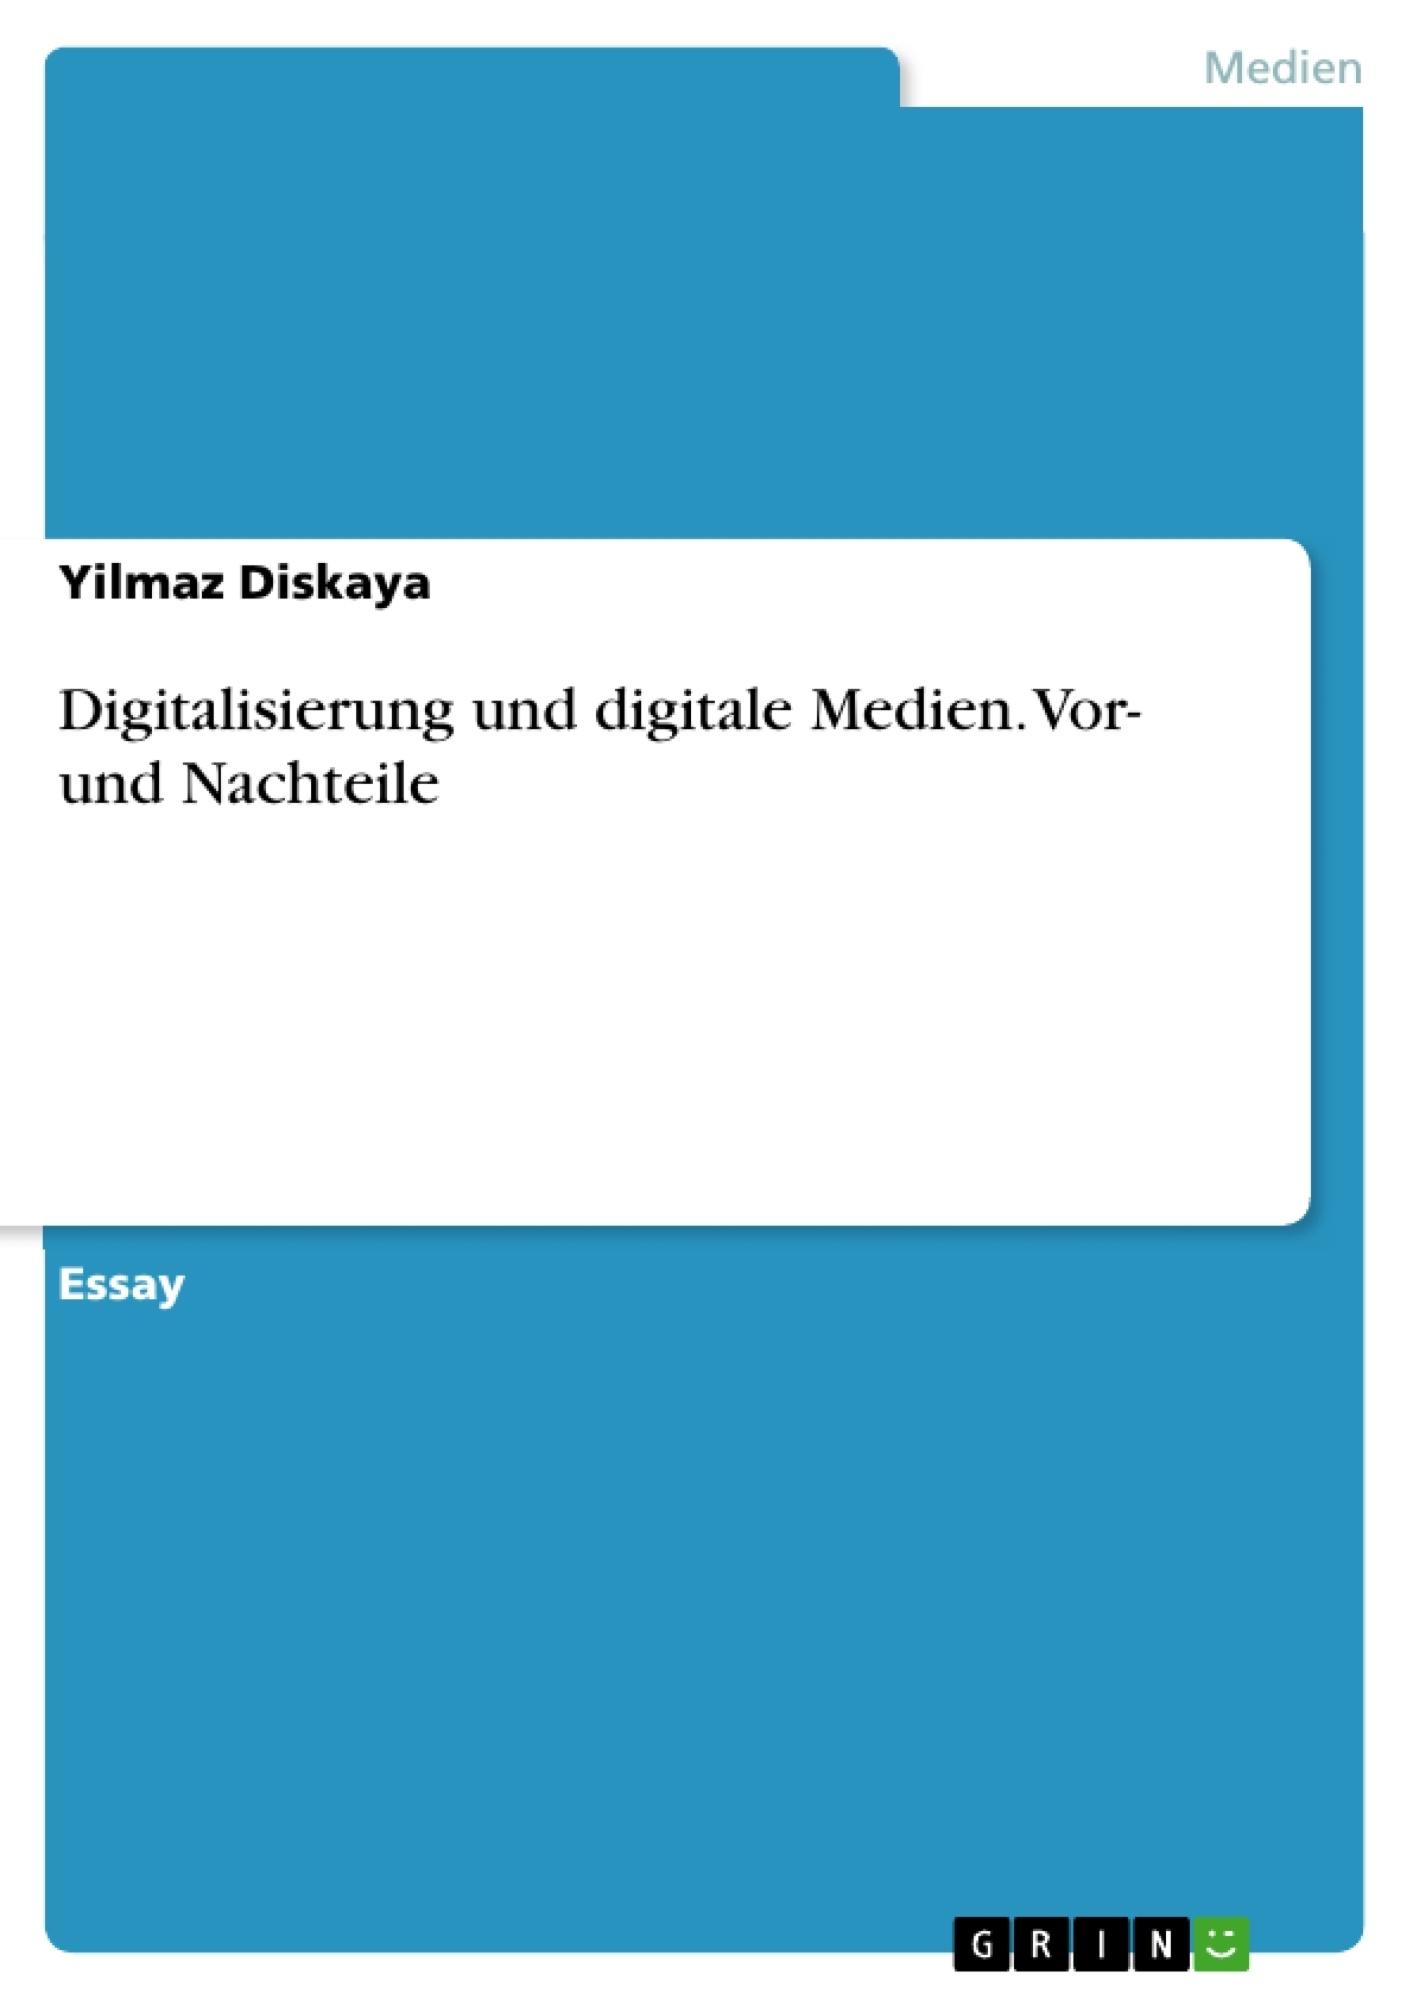 Titel: Digitalisierung und digitale Medien. Vor- und Nachteile